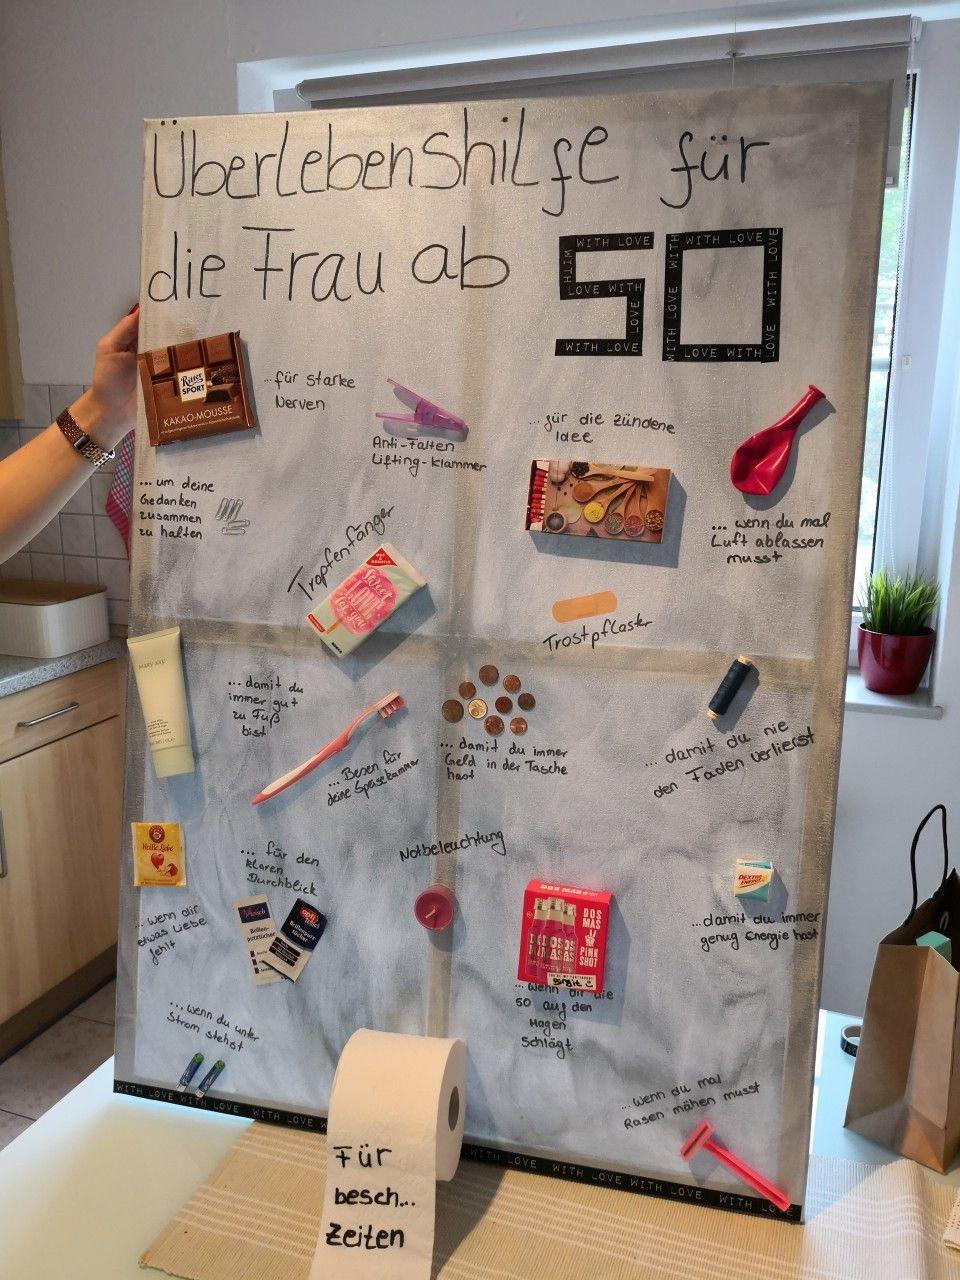 Geschenke Für Frauen Ab 30  Überlebenshilfe für Frau ab 50 Geburtstagsgeschenk 50